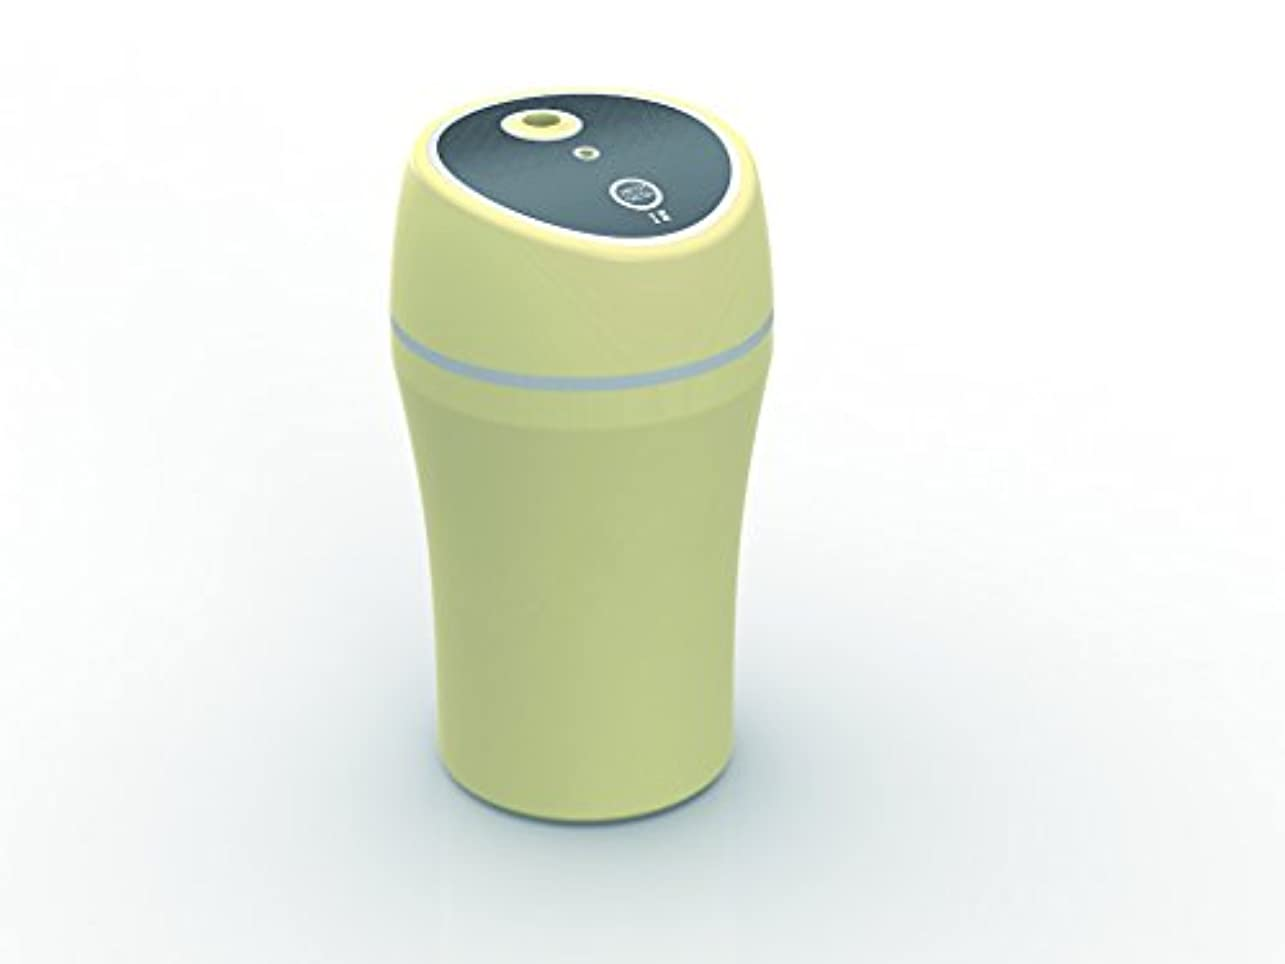 辞任するマイルストーンマイルストーンKEIYO 車でもオフィスでも自宅でも!DC/USB 2WAY対応 超音波式 USBミニ加湿器 AN-S014 ROOM&CAR アロマディフューザー 車載用加湿器 ドリンクホルダー収納タイプ 超音波式加湿器 (ベージュ)